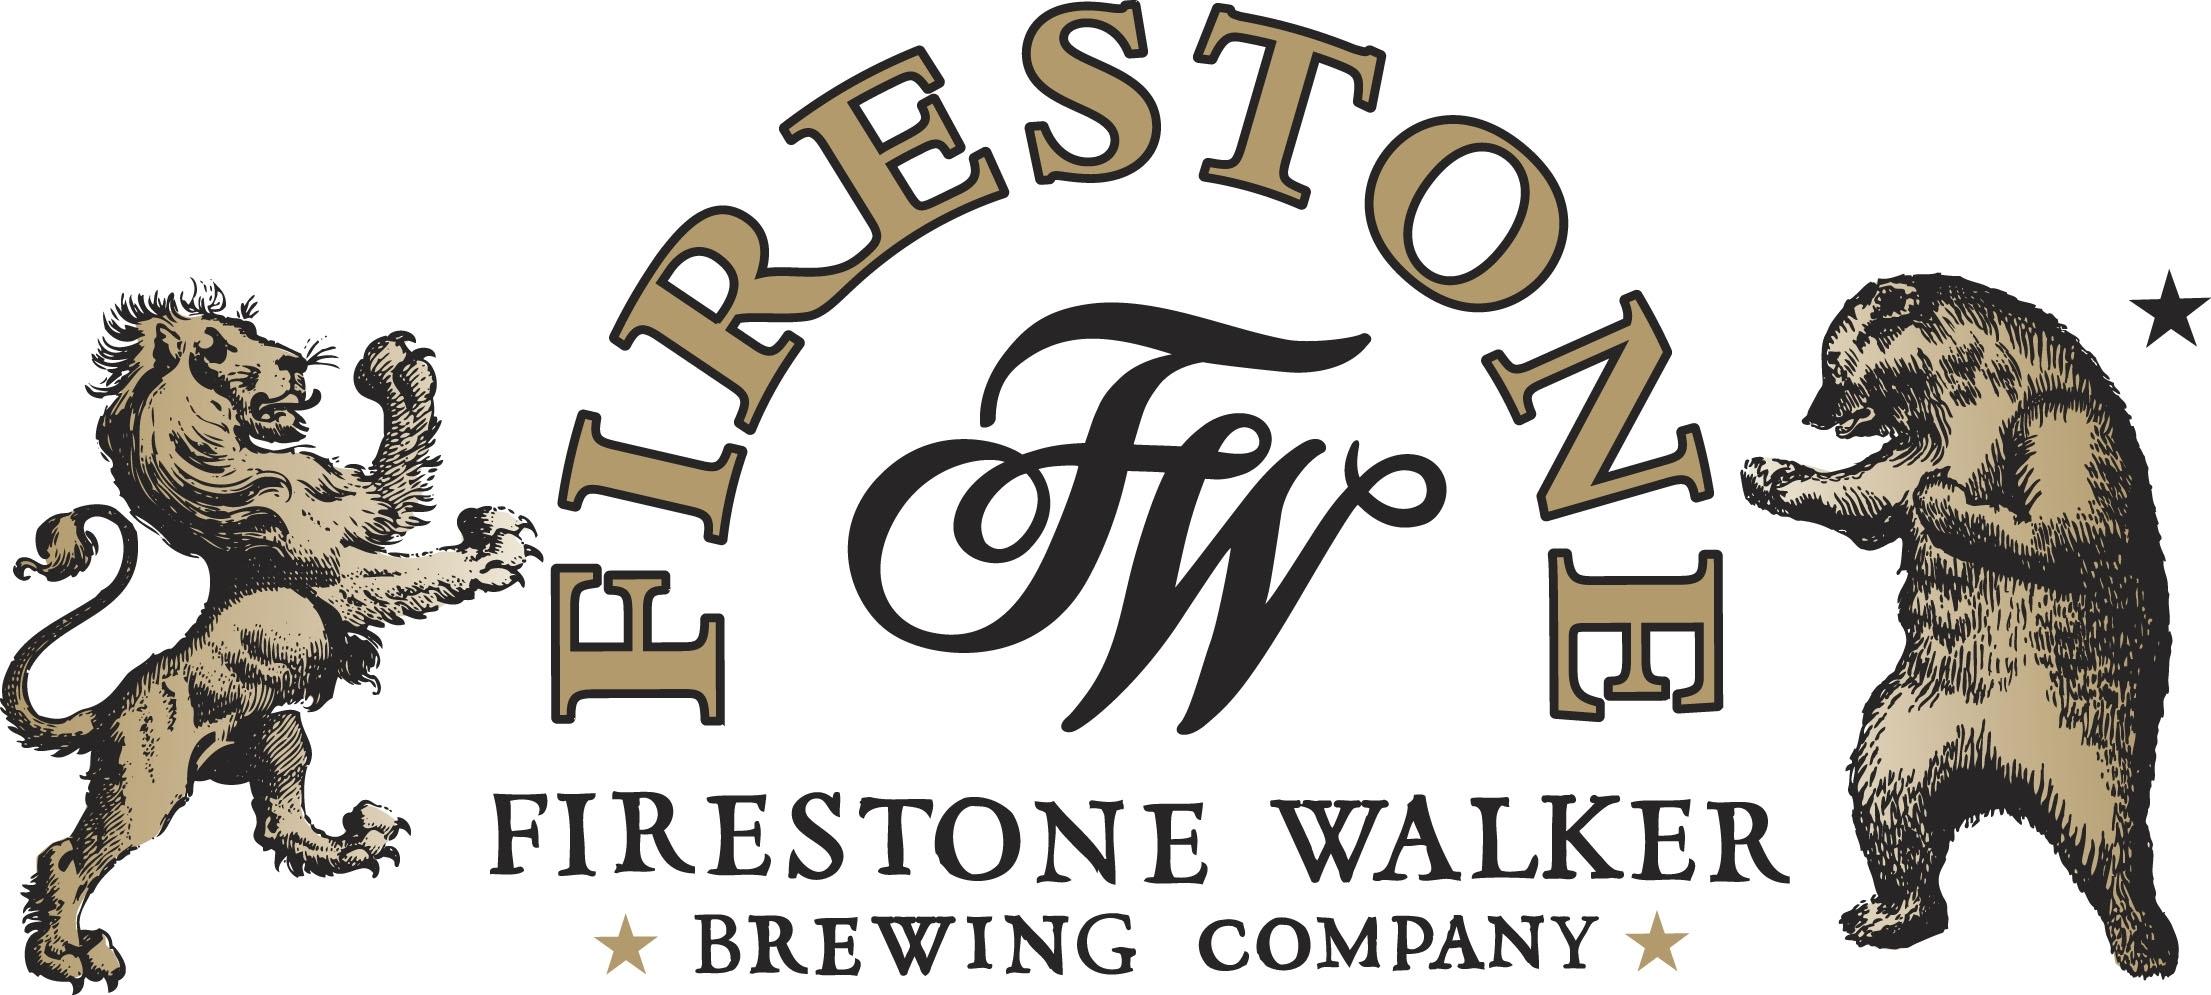 firestone_walker_logo.jpeg